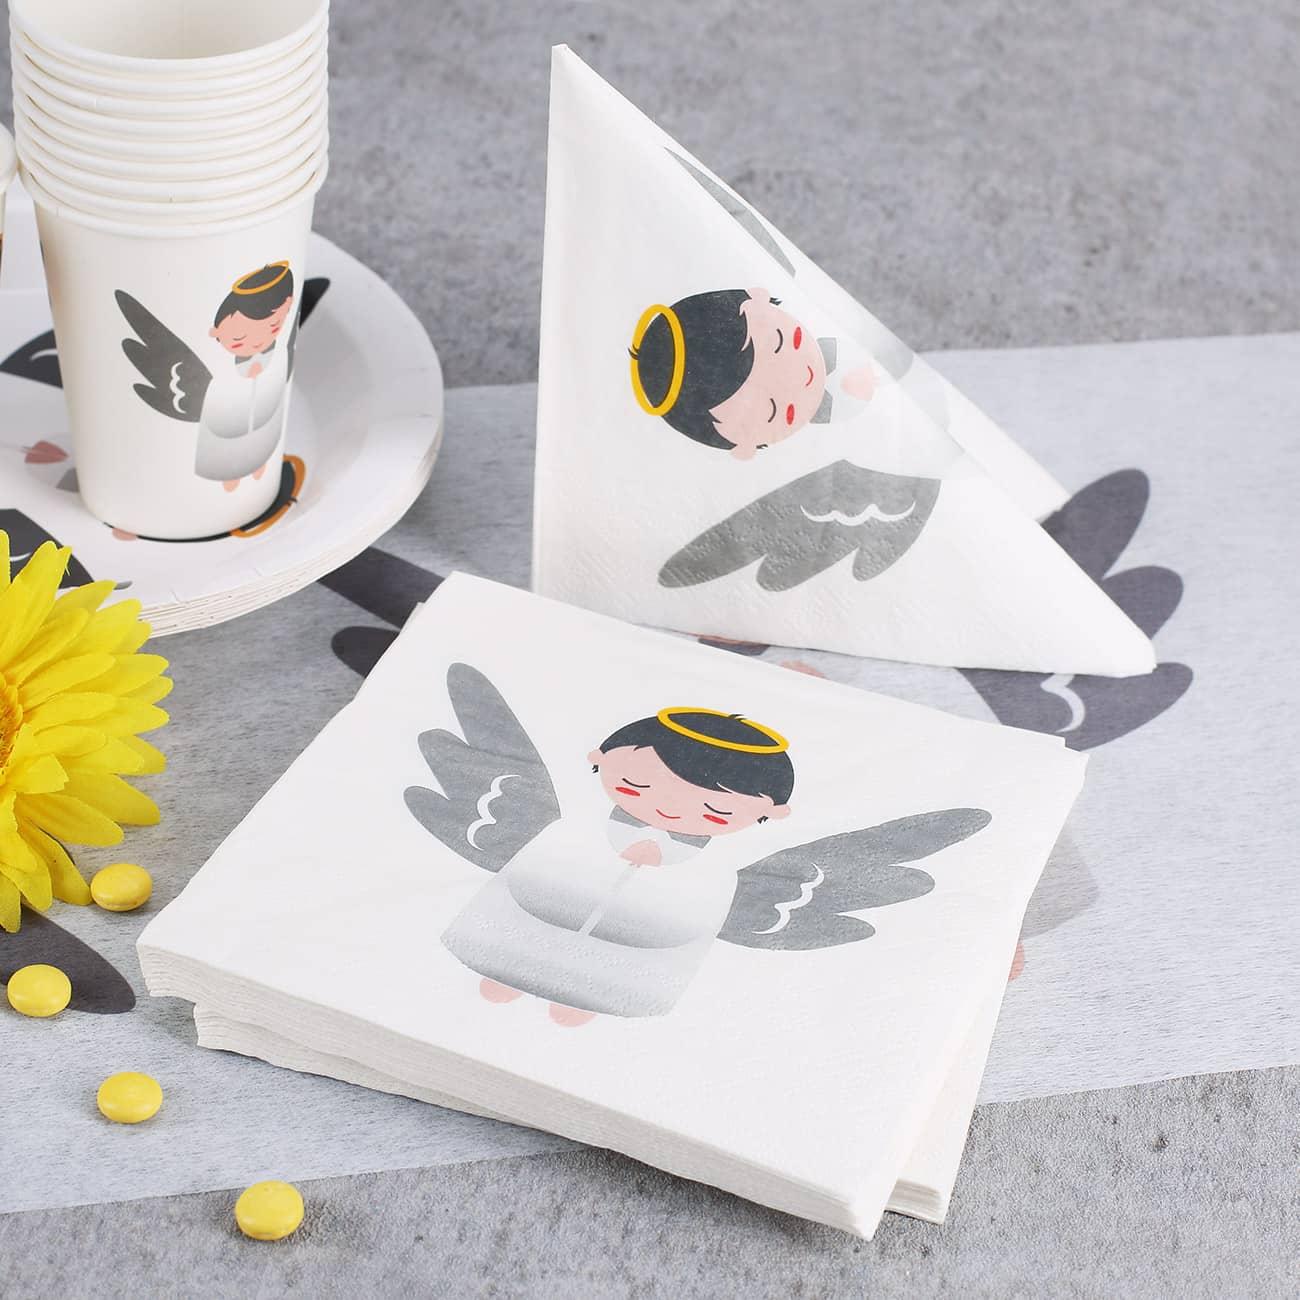 Dekoration zum kindergeburtstag for Kindergeburtstag dekoration